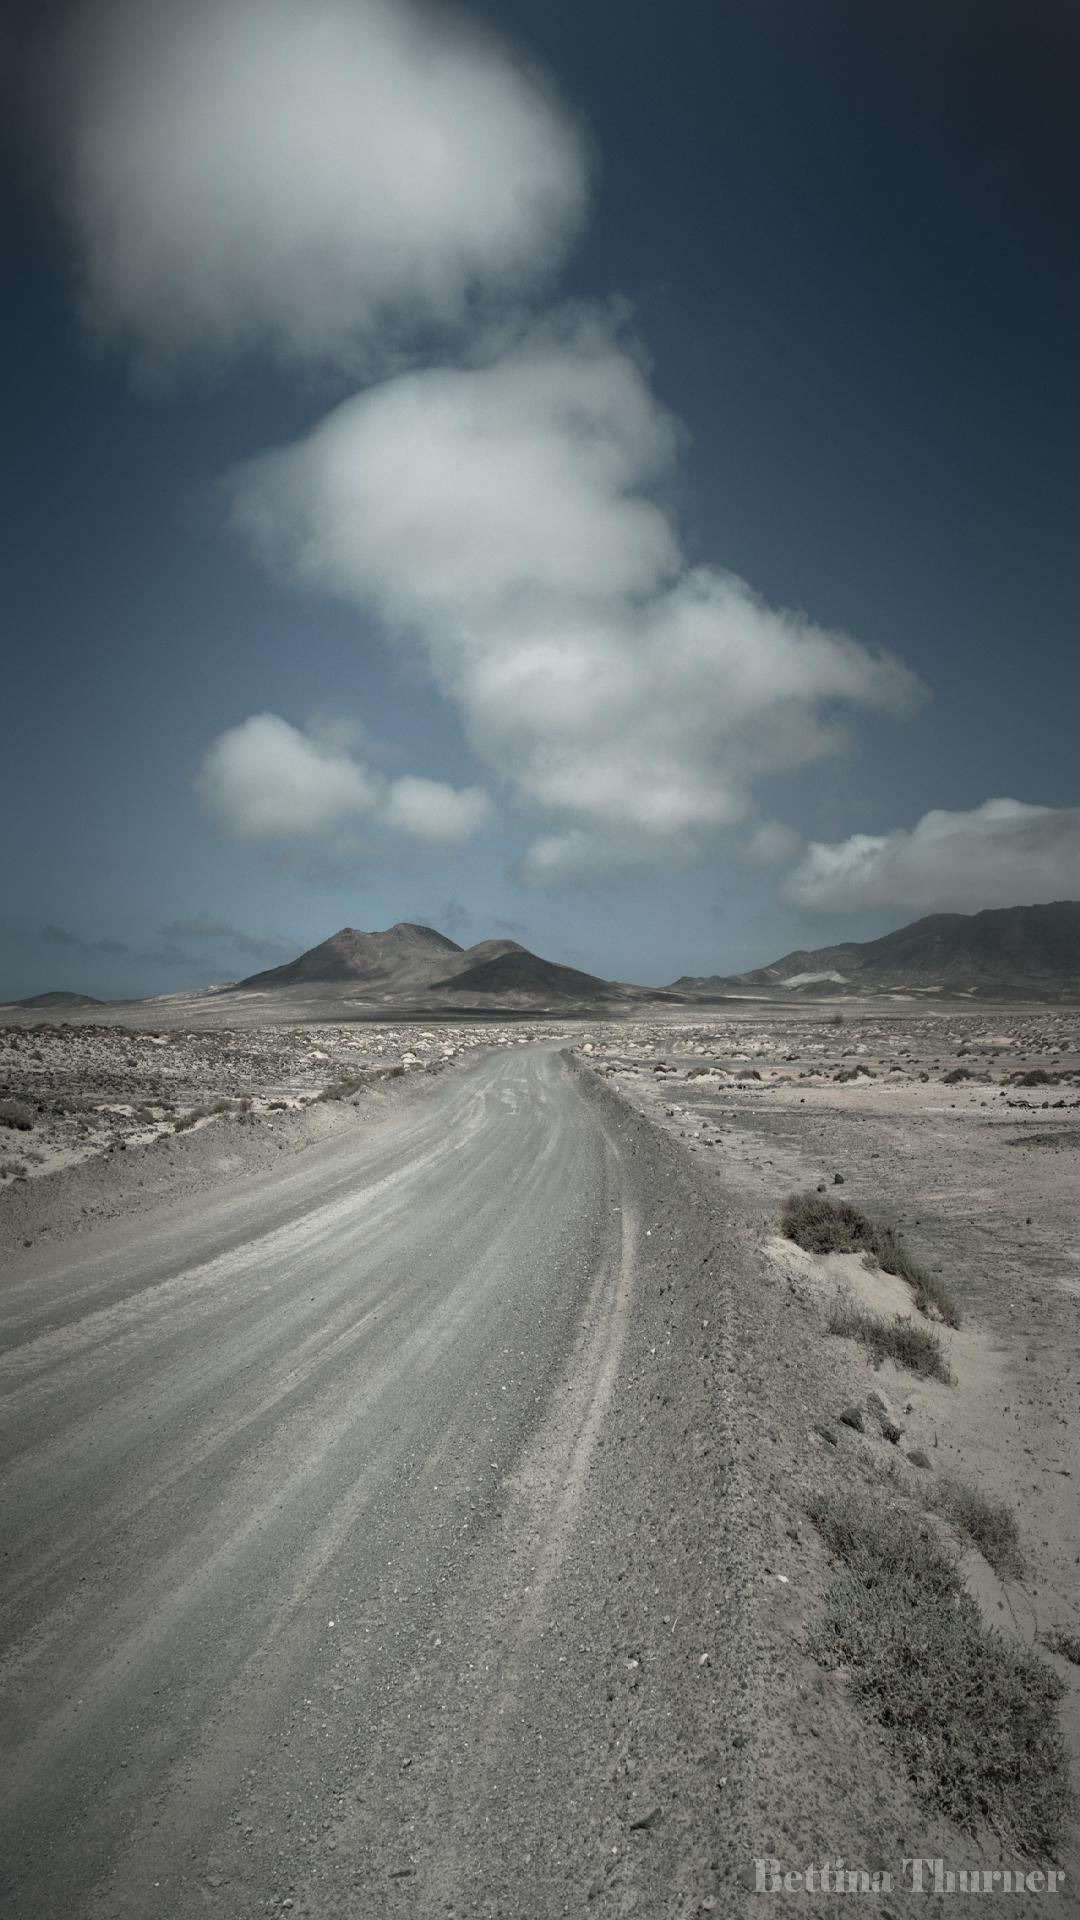 Lichtwert-BestOf_BettinaThurner.Fuerteventura2.jpg